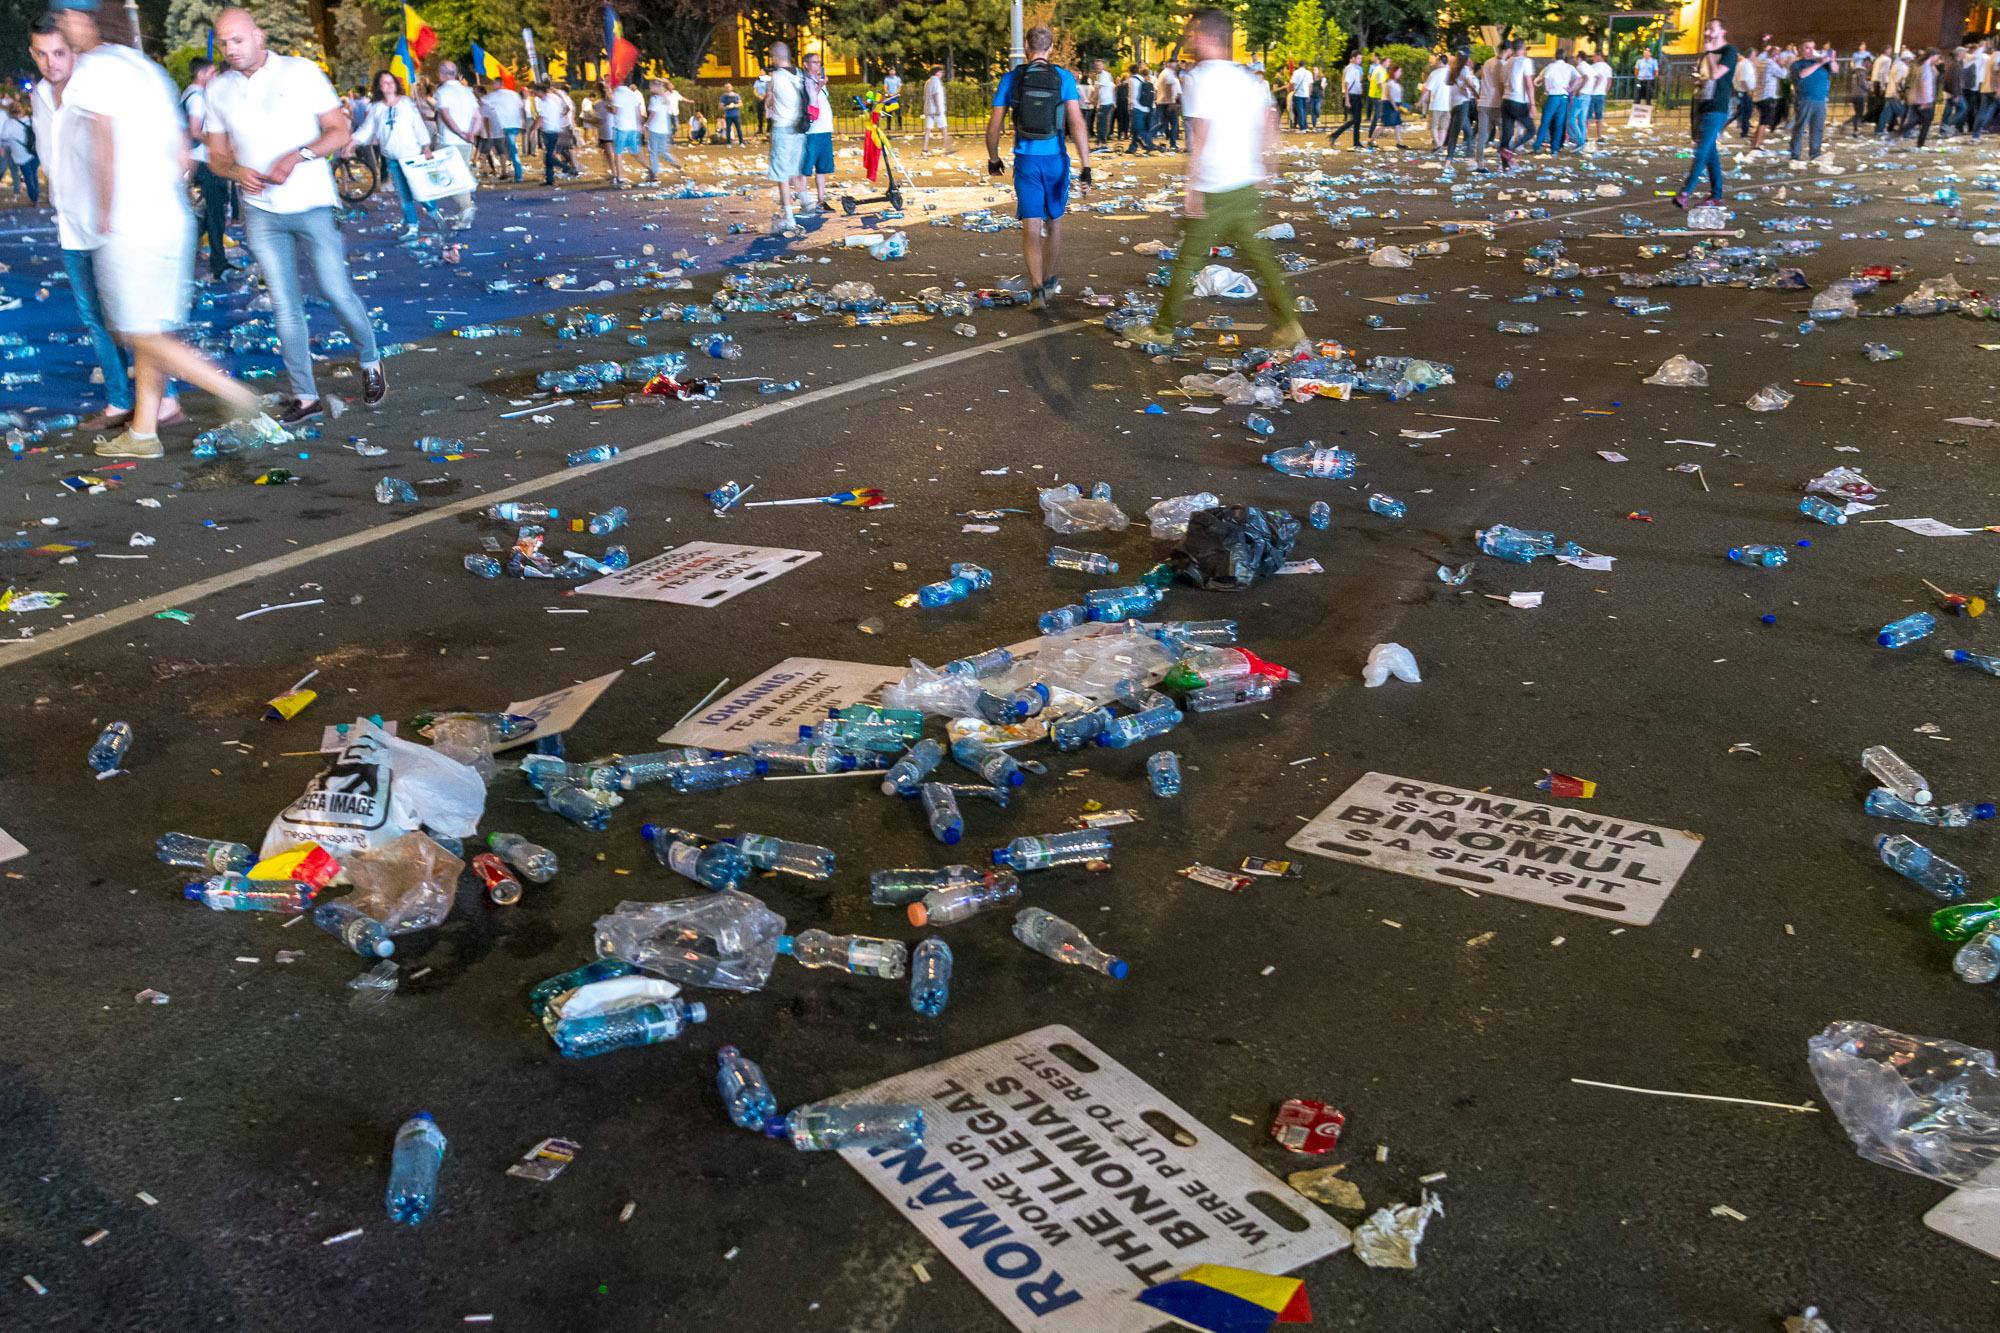 MELE - Cine va pierde de pe urma mitingului PSD-ALDE - Pagina 2 1528628168921-Miting-PSD-mizeria-din-urma-15